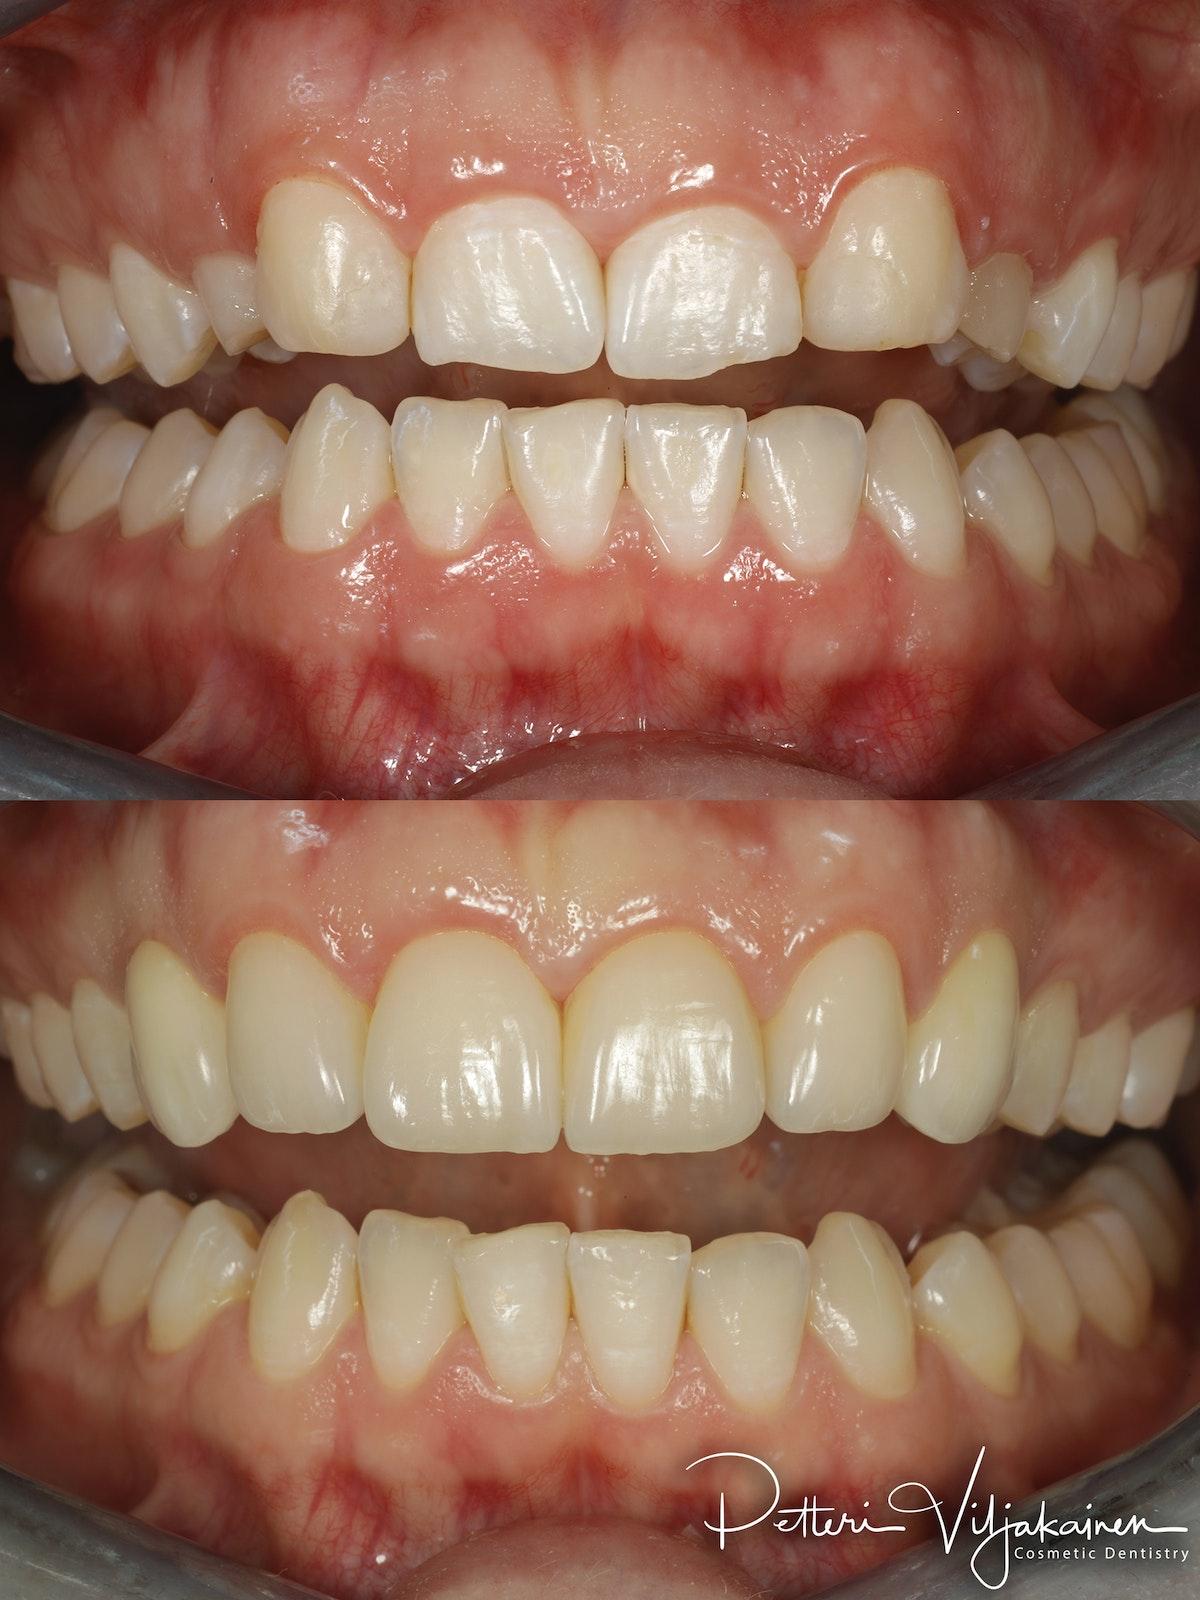 Esteettinen hammashoito ennen jälkeen. Keraamiset kuoret eli hammaslaminaatit neljässä yläetuhampaassa. Kulmahampaat korvattu implanttikruunuilla.